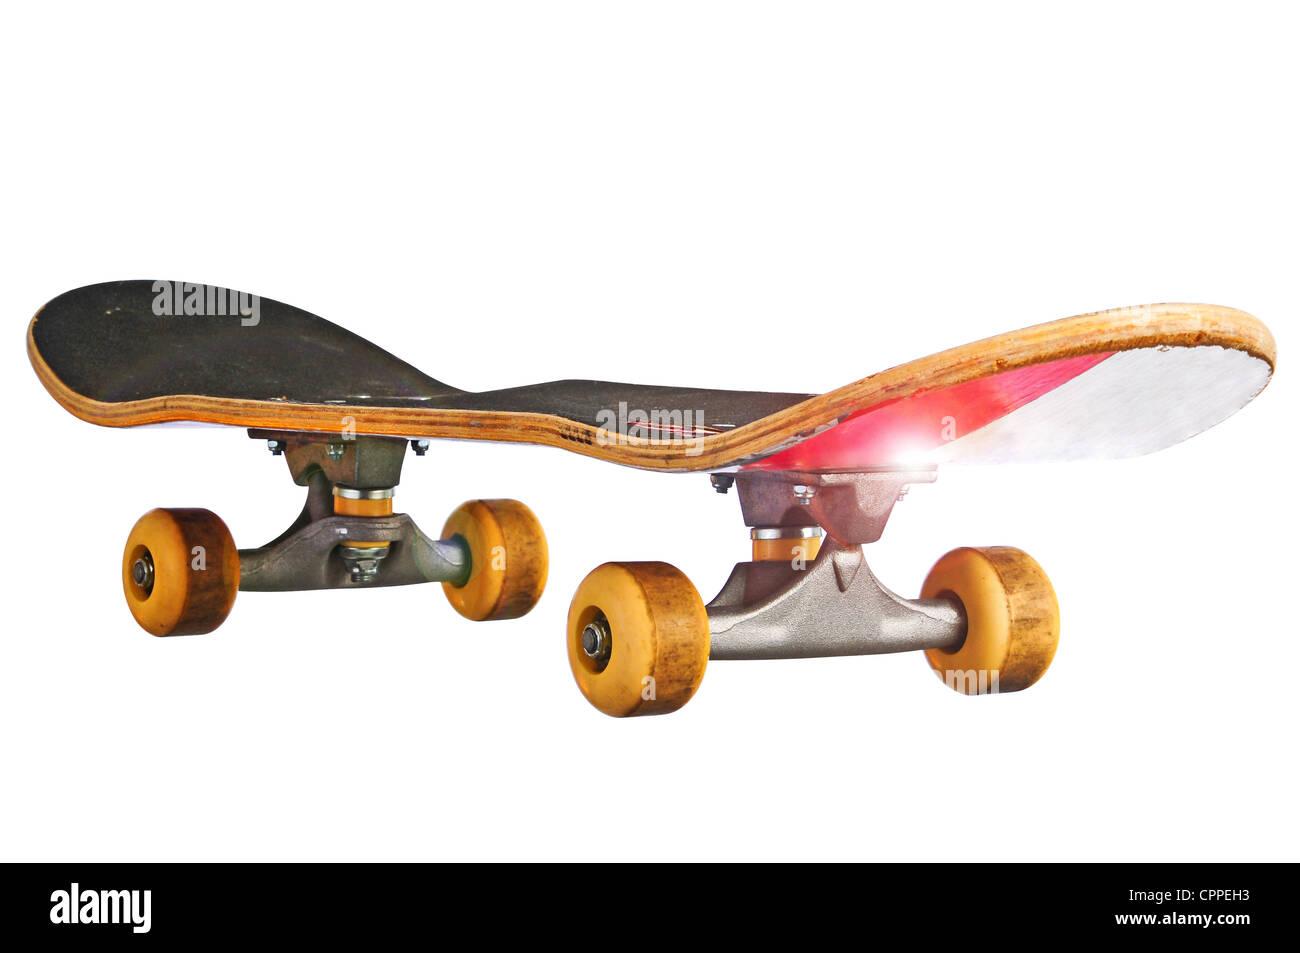 Skateboard in corrispondenza di un angolo obliquo islolated con un tracciato di ritaglio in modo da poterlo posizionare Immagini Stock